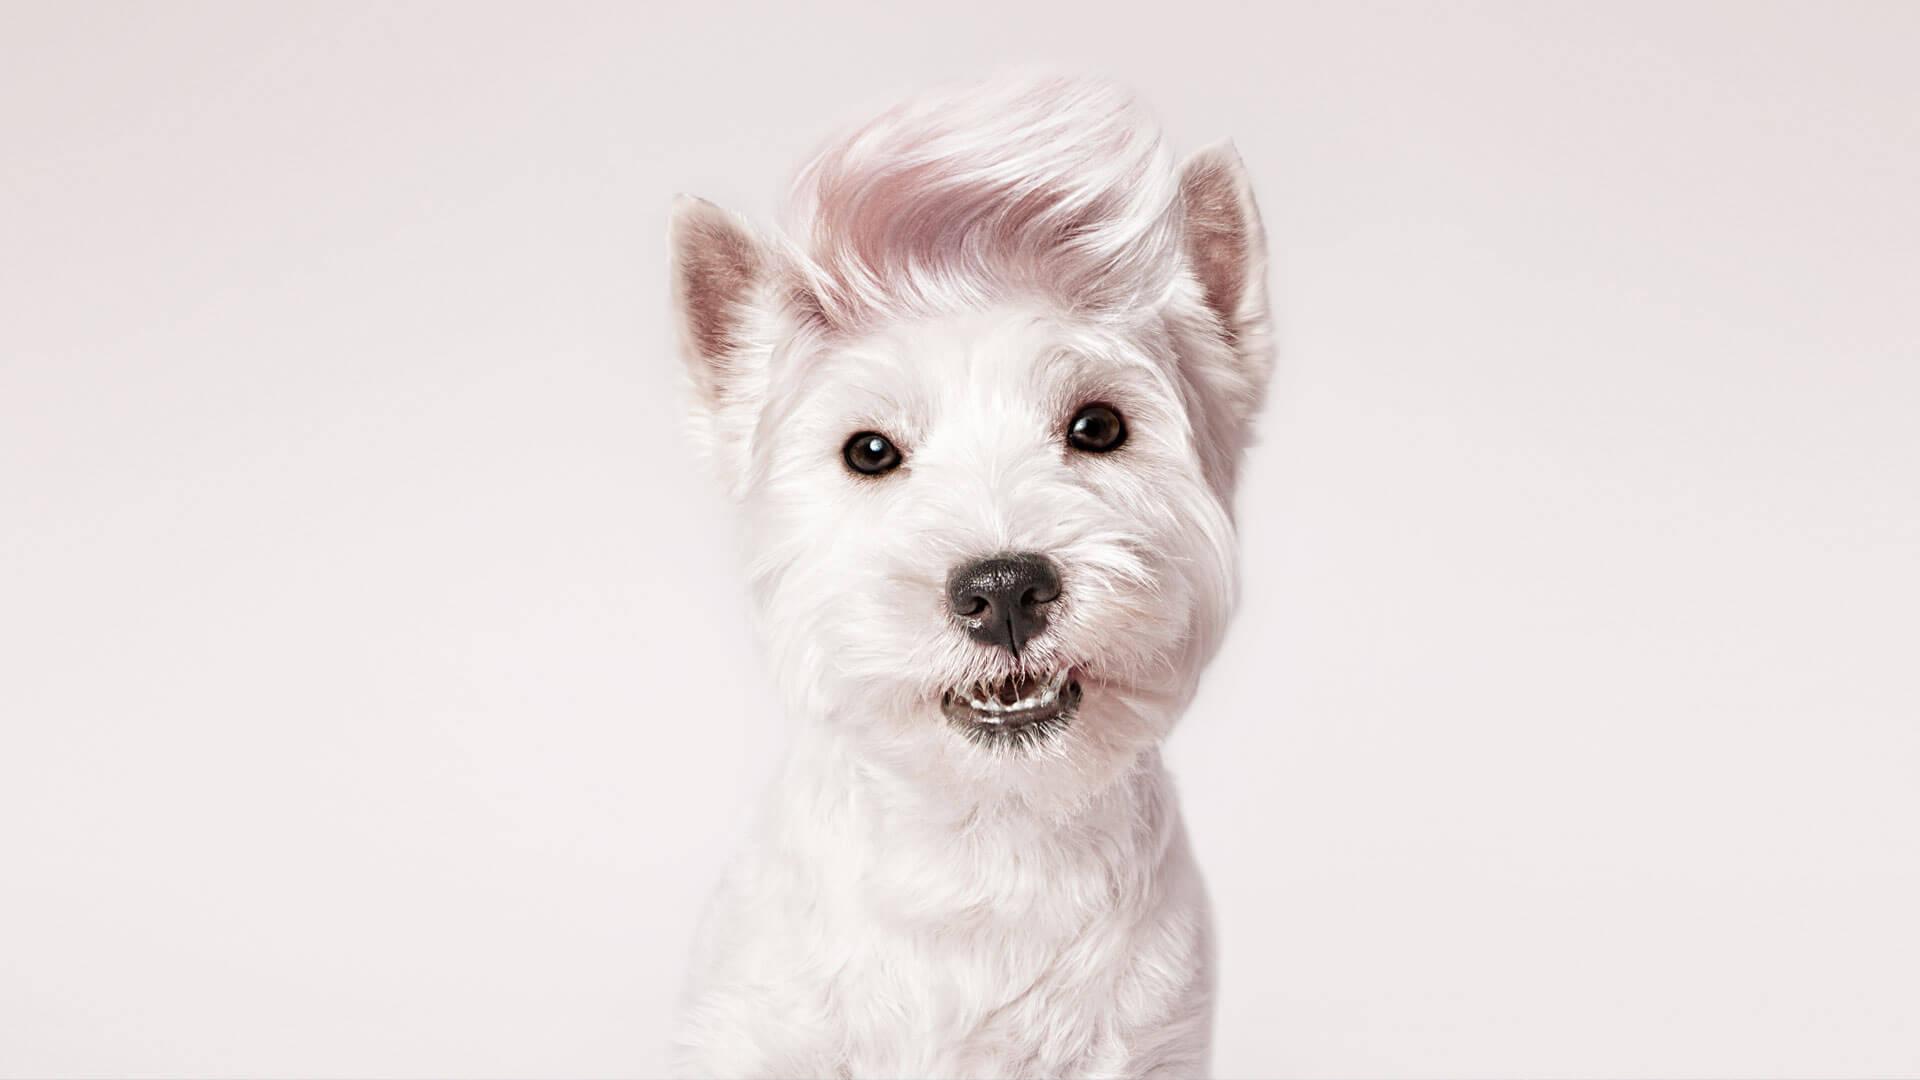 fotografo de mascotas santos roman perro